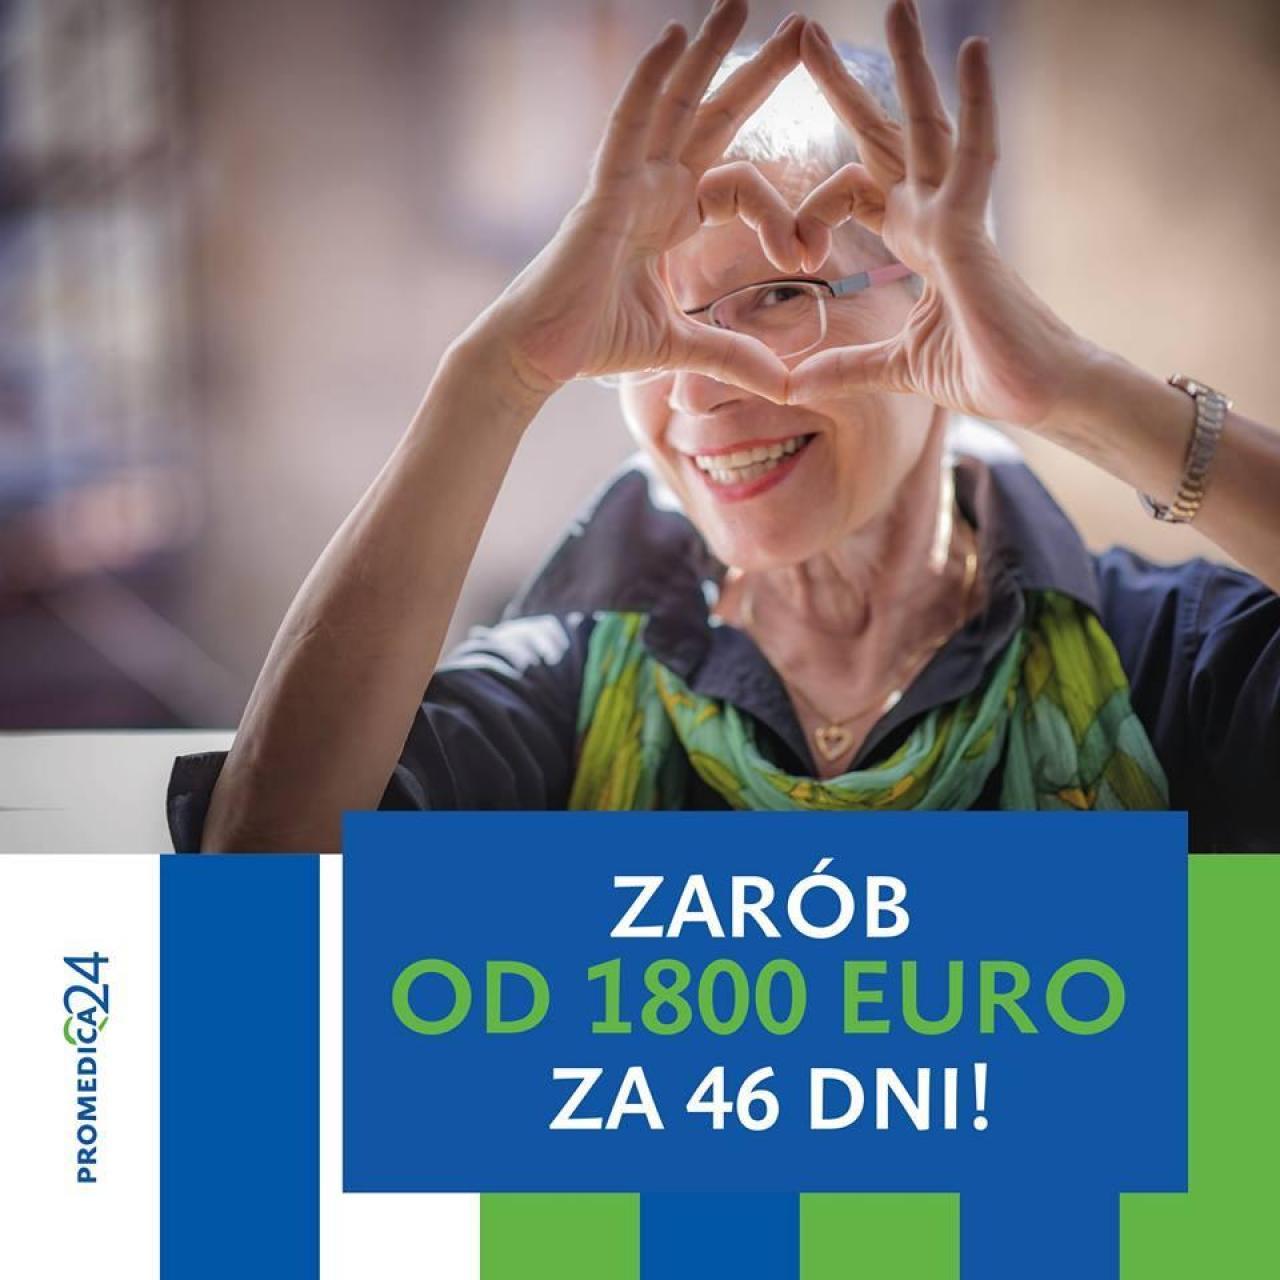 Opiekunka Seniora, Niemcy, bez języka!